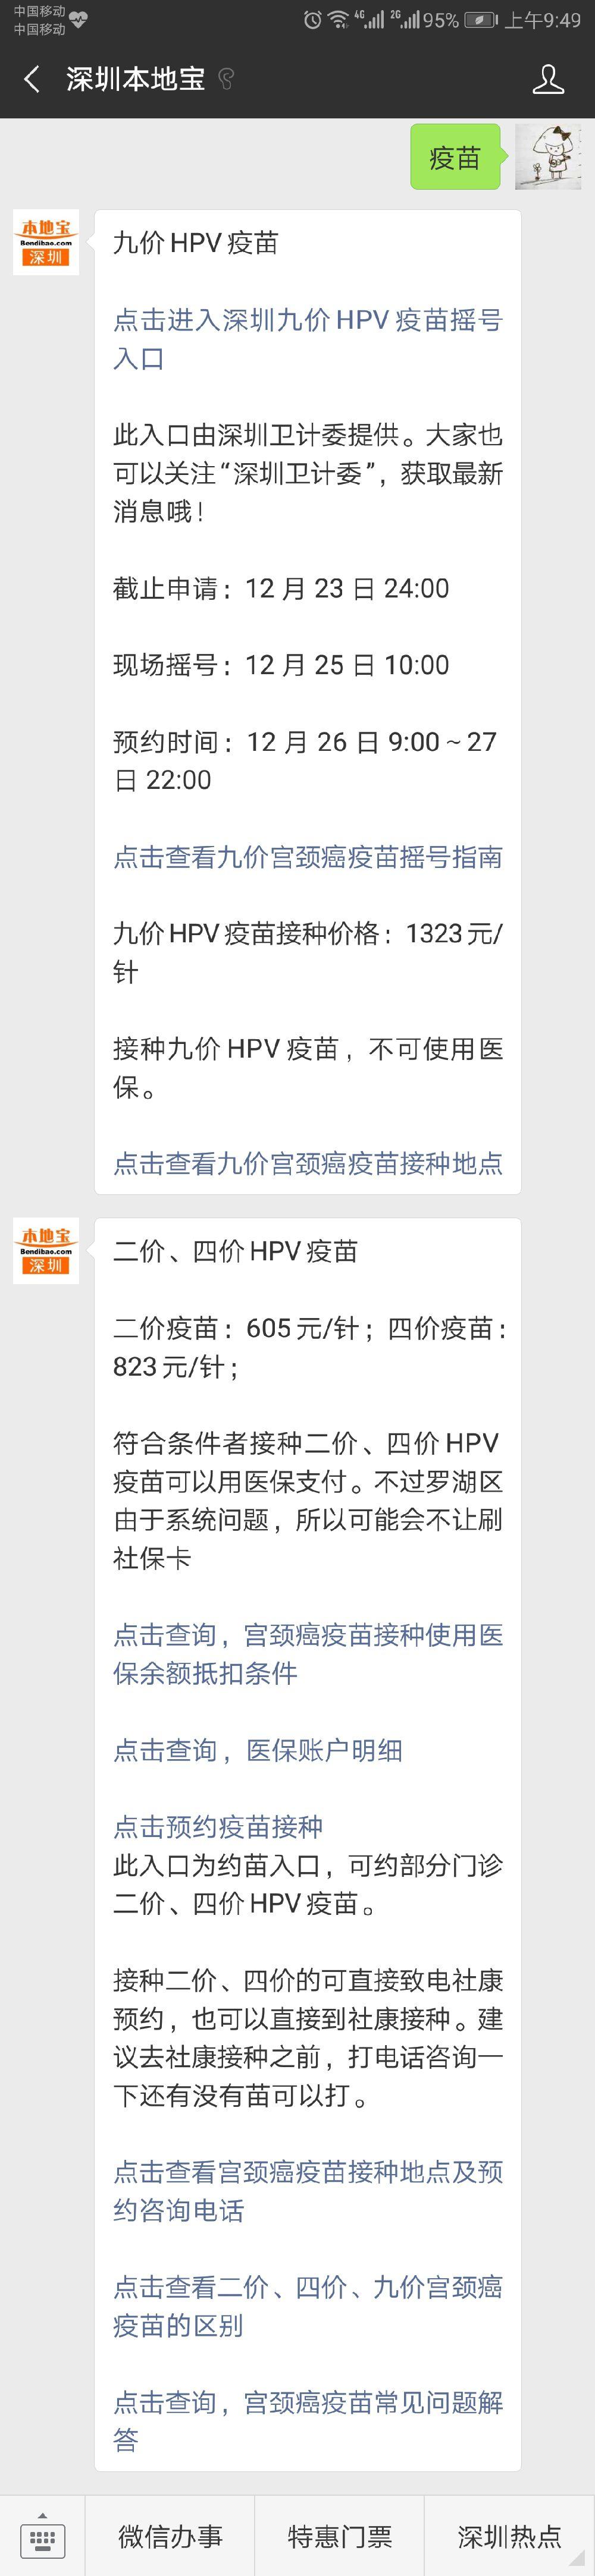 深圳九价宫颈癌疫苗可以用医保卡吗